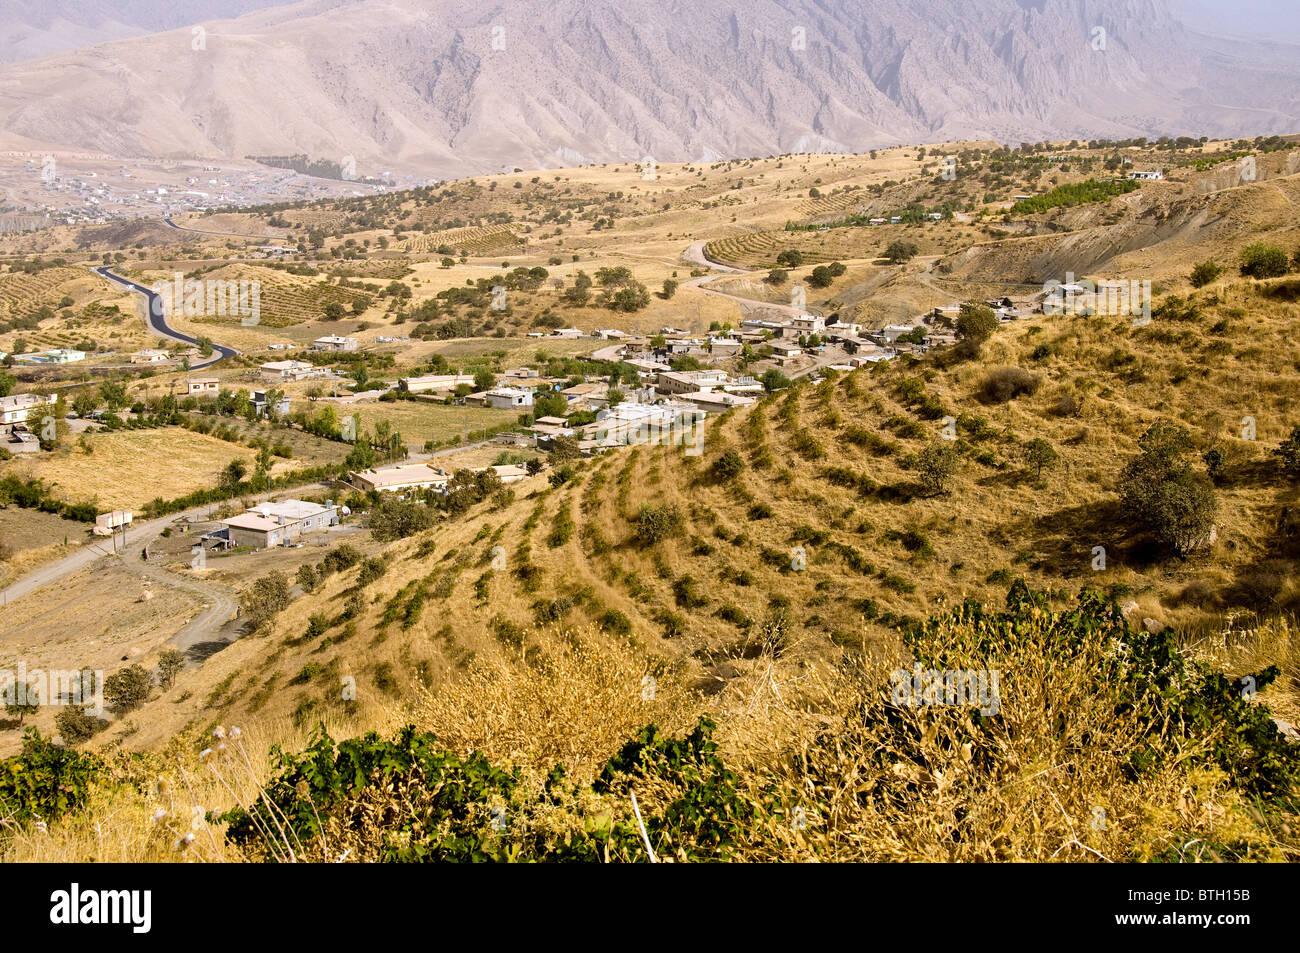 auf stra e zwischen erbil und sulaimaniyya in region kurdistan im nordirak landschaft stockfoto. Black Bedroom Furniture Sets. Home Design Ideas